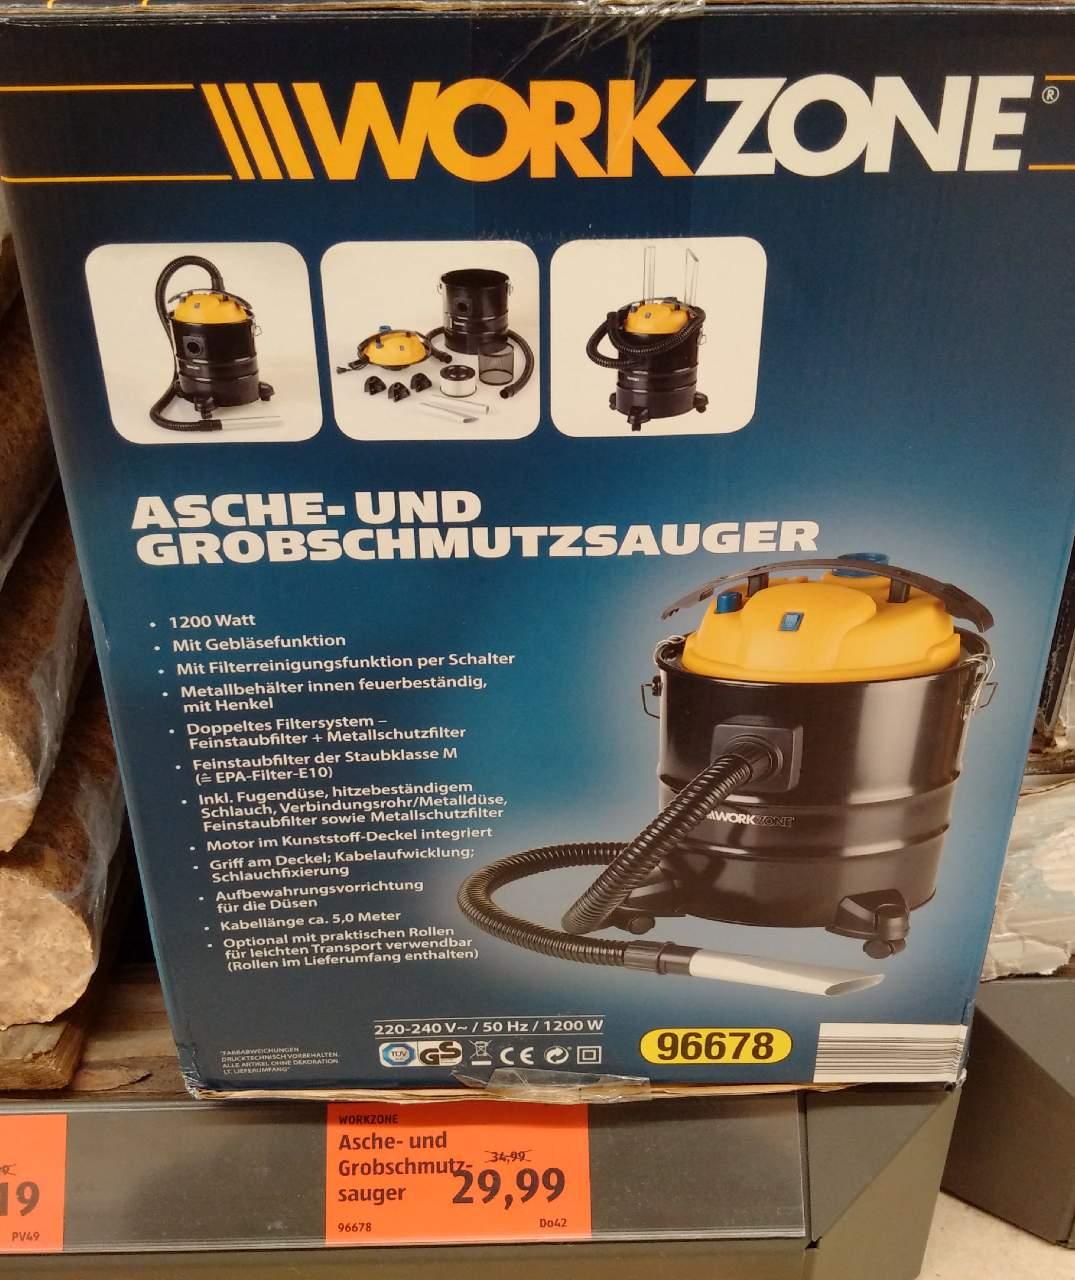 WORKZONE Aschen- und Grobschmutzsauger - jetzt 14% billiger